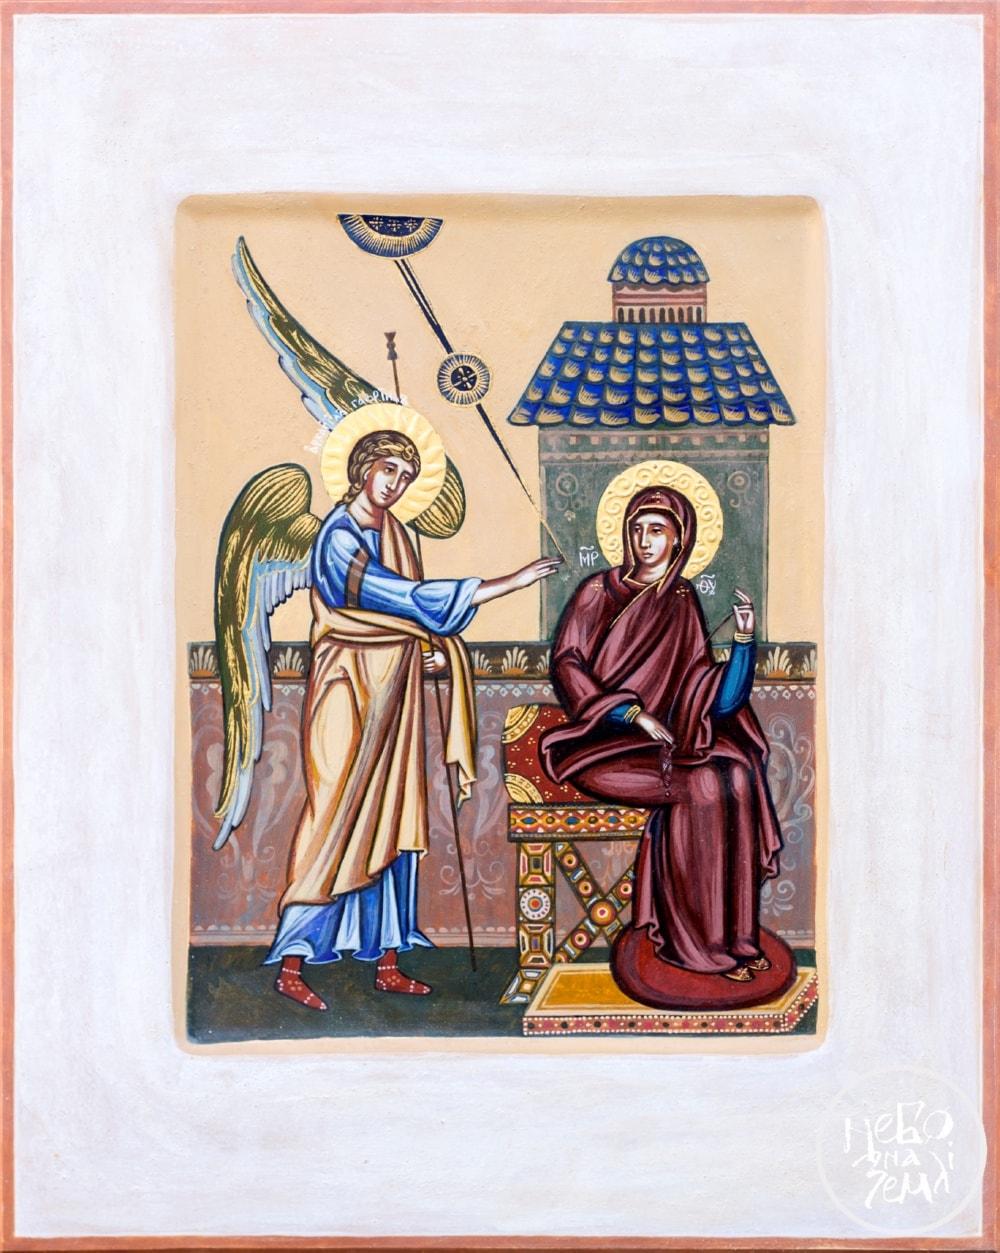 Надписями казаки, православные иконы картинки двунадесятые праздники